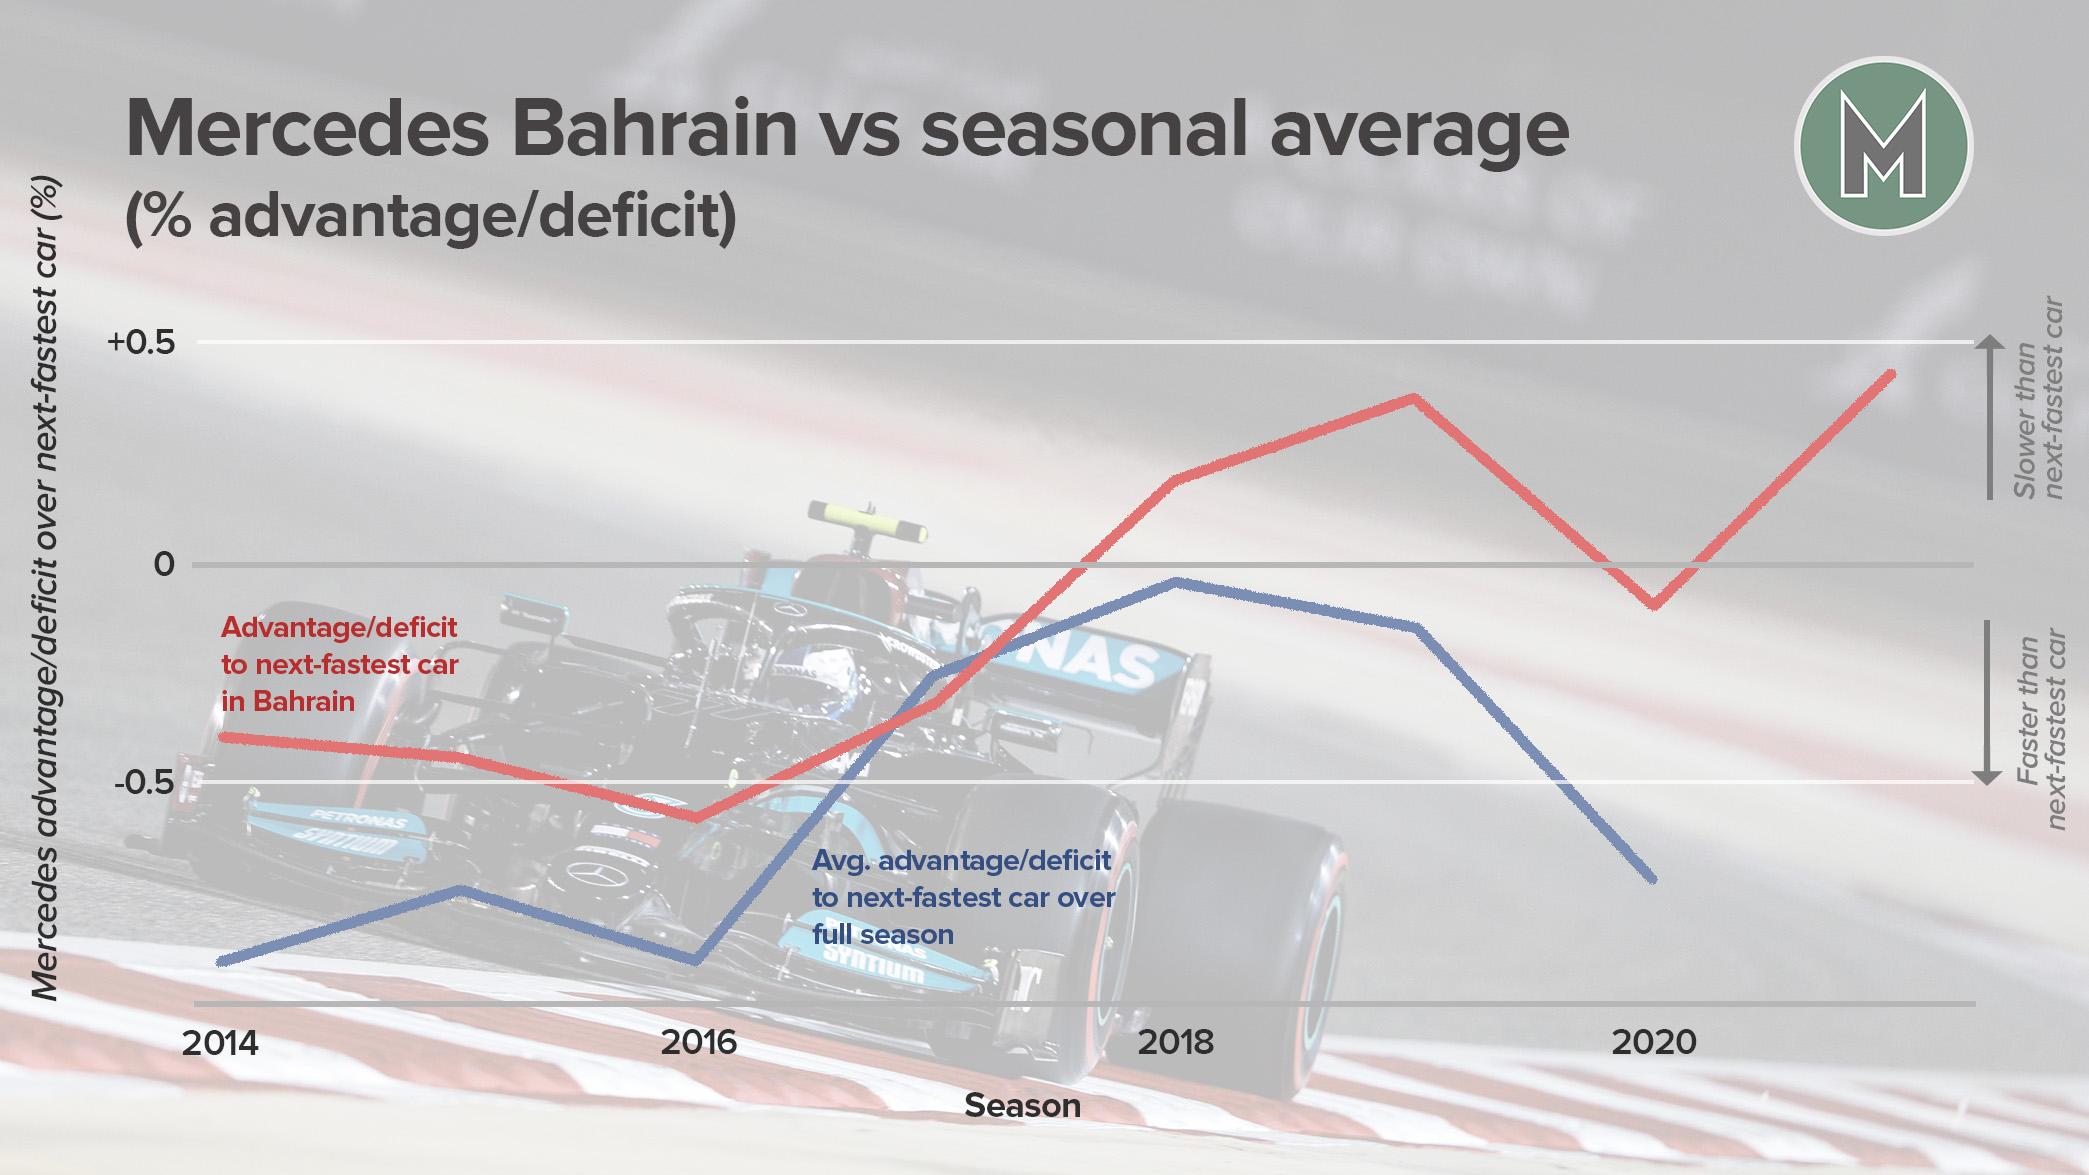 Mercedes Bahrain deficit graph